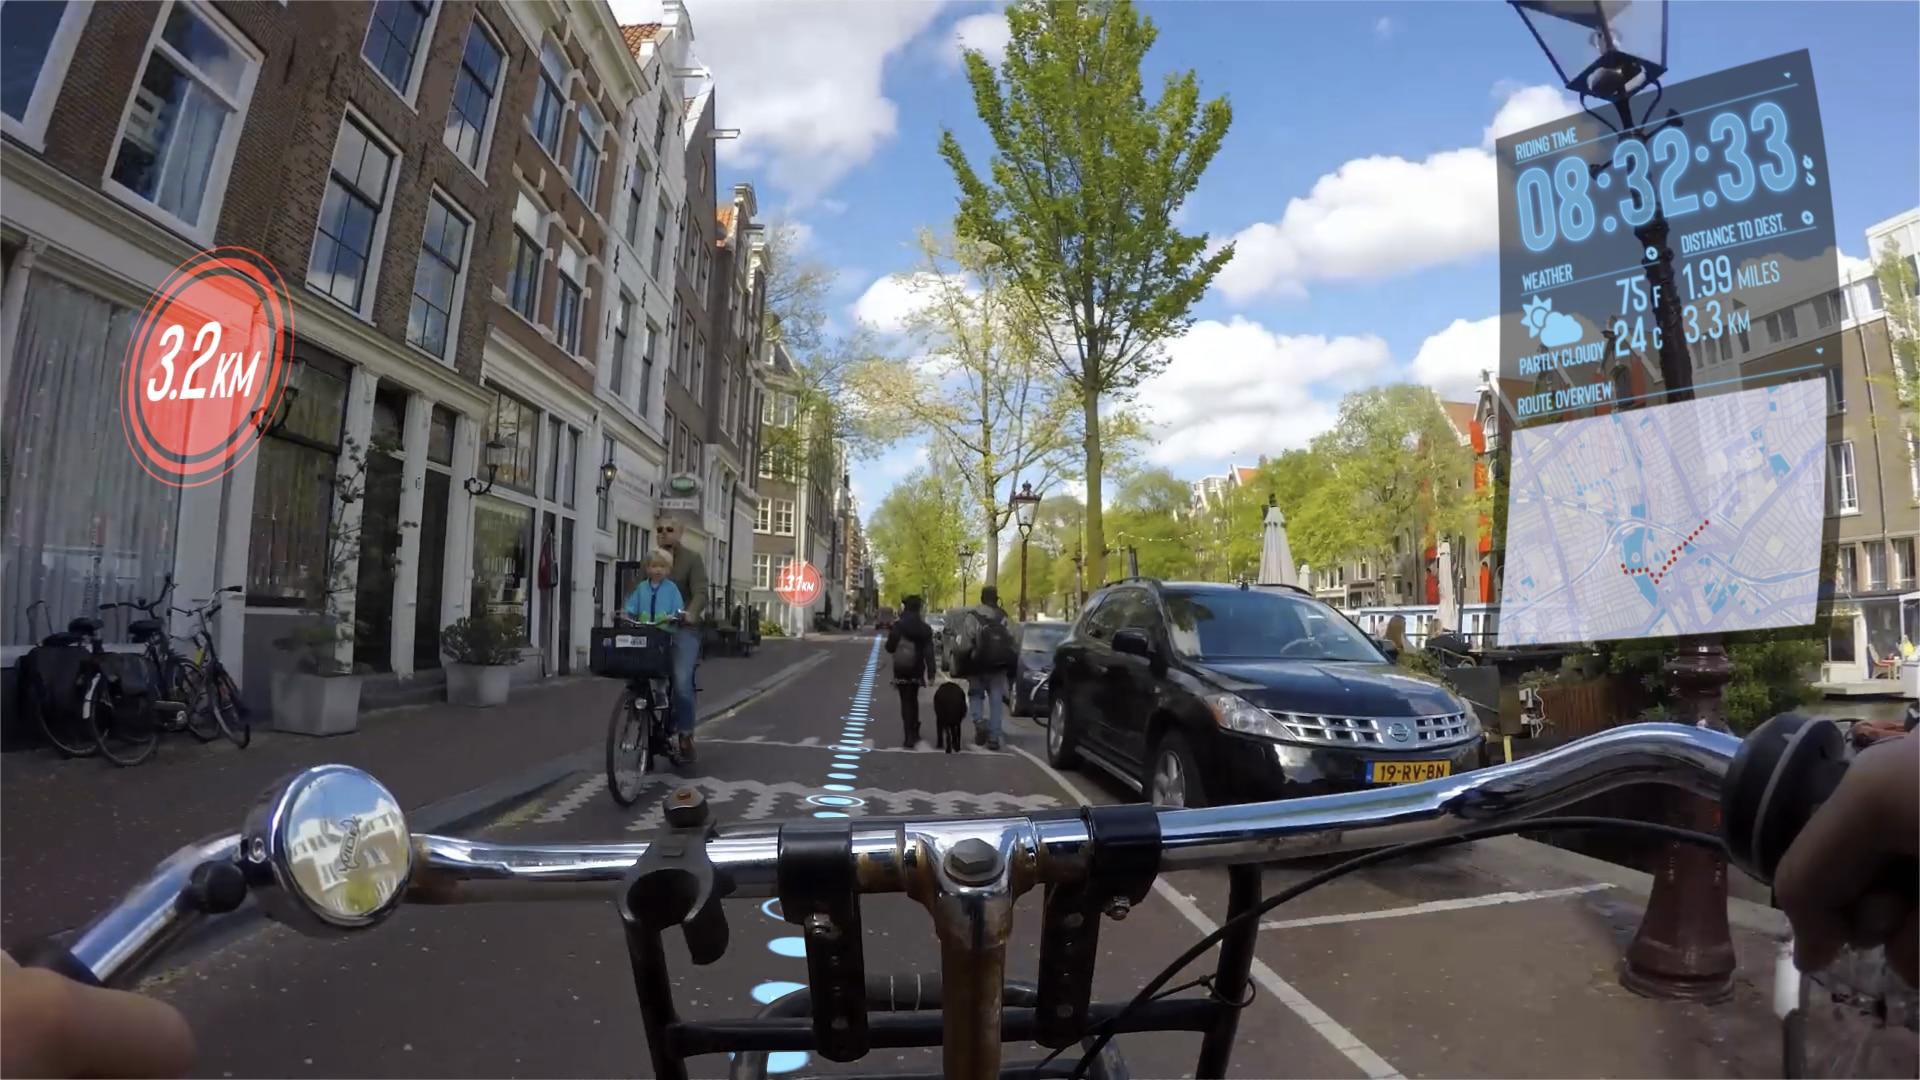 Radtour in Amsterdam mit Augmented Reality Überlagerungen